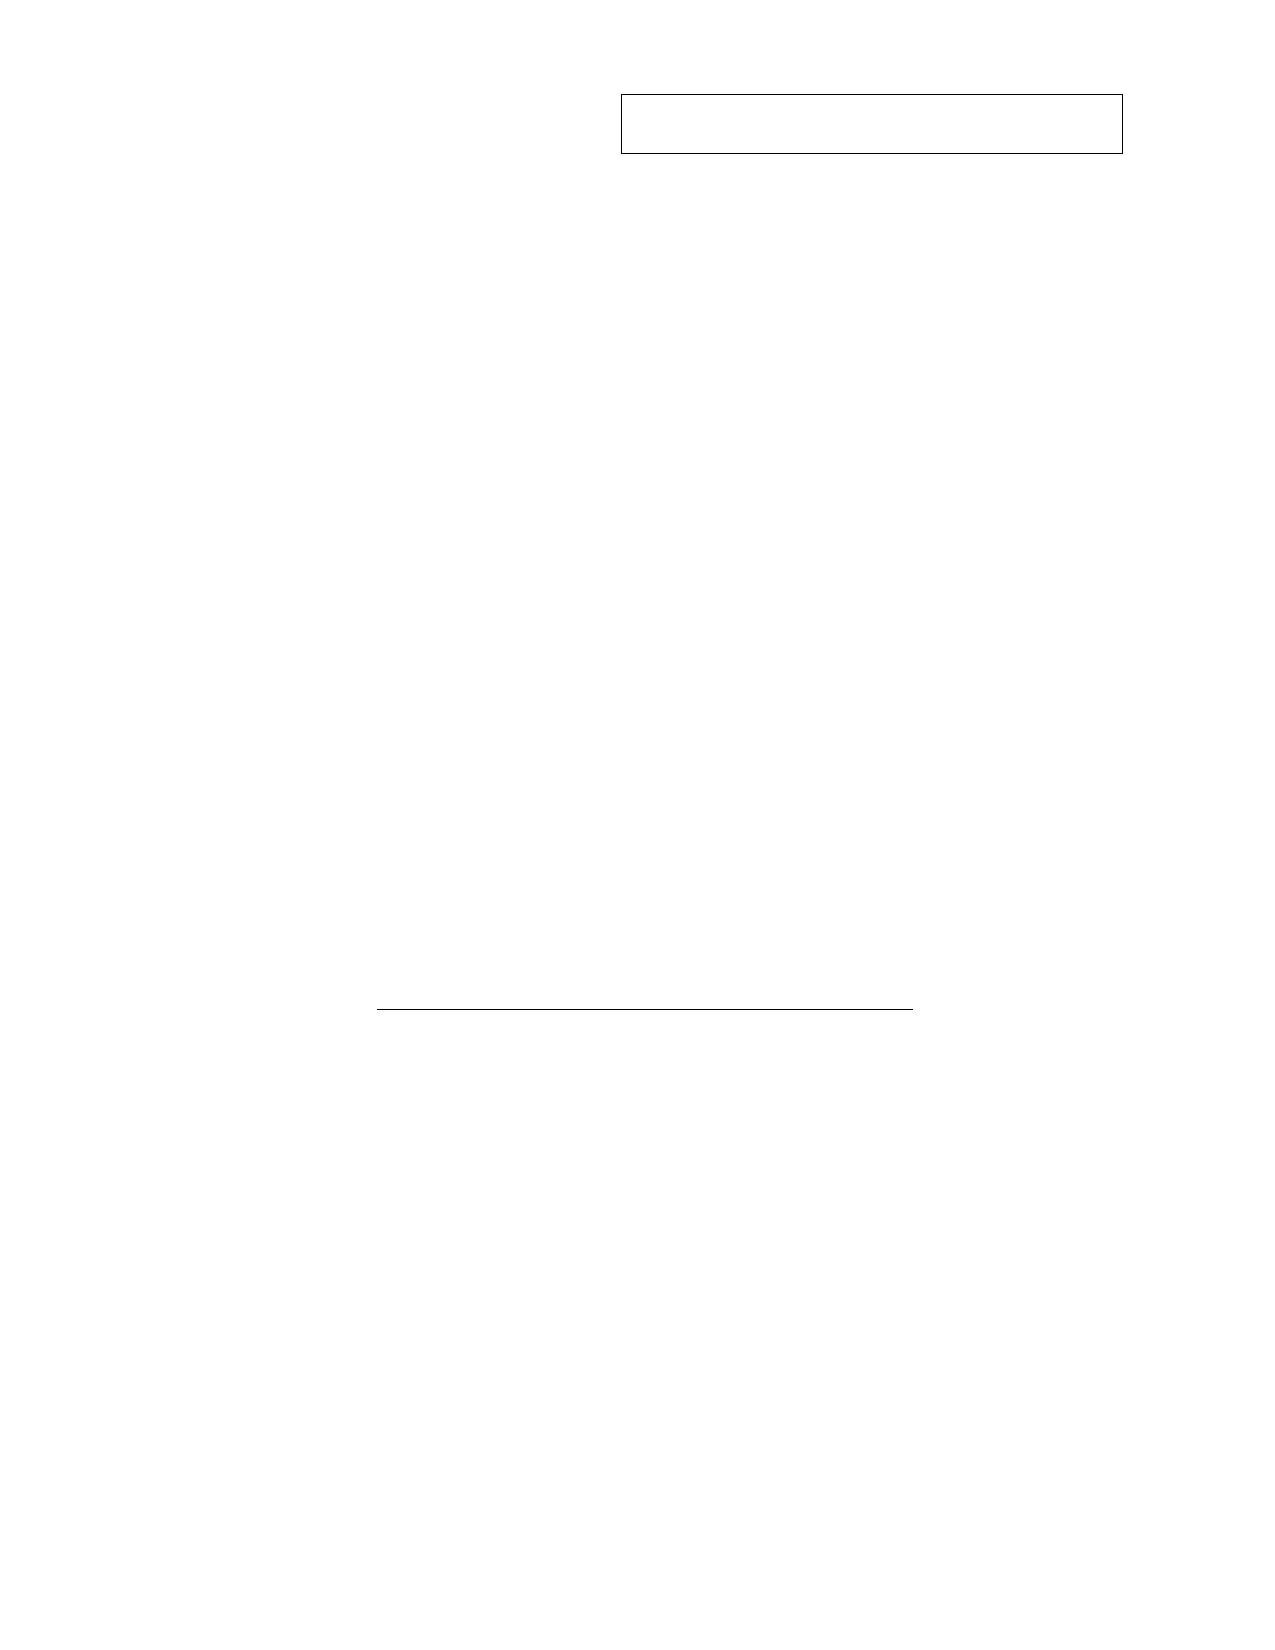 T-52017D121J-FW-ABN دیتاشیت PDF